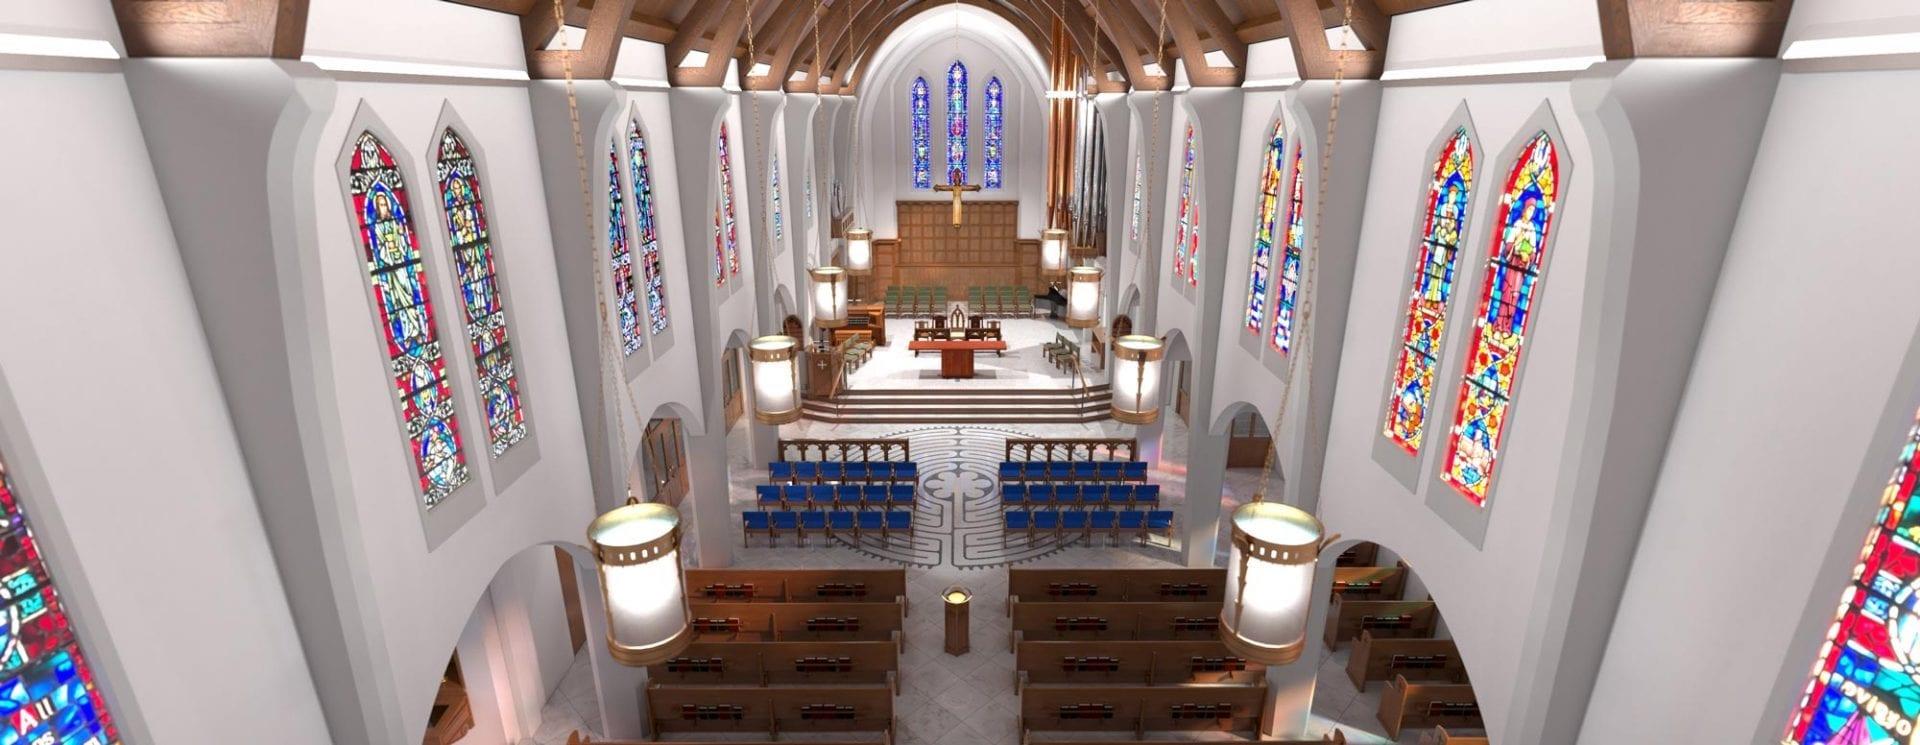 Trinity Episcopal Church | Reno, Nevada